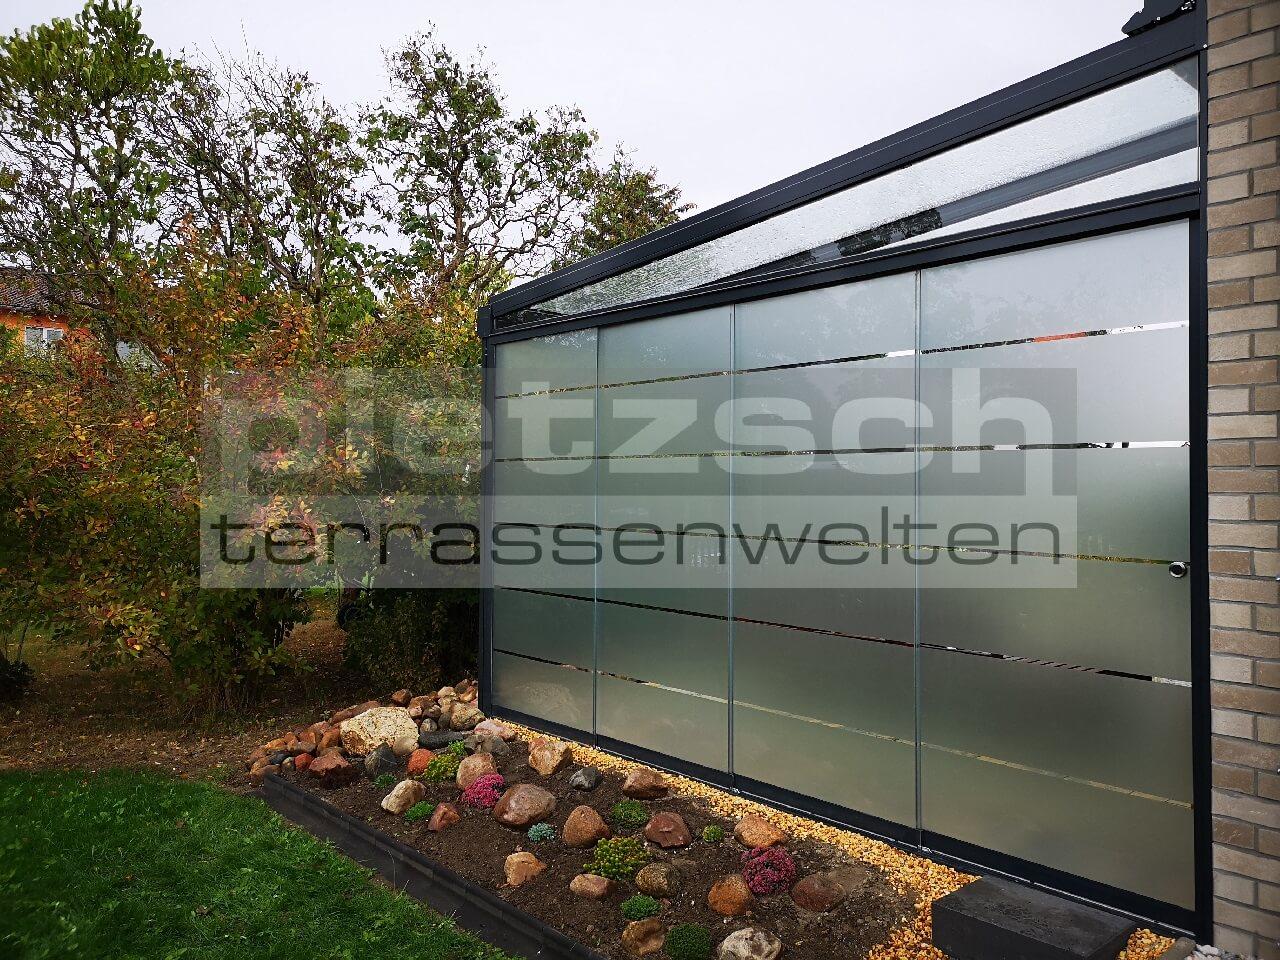 hochwertige Terrassenüberdachung mit Schiebeverglasung